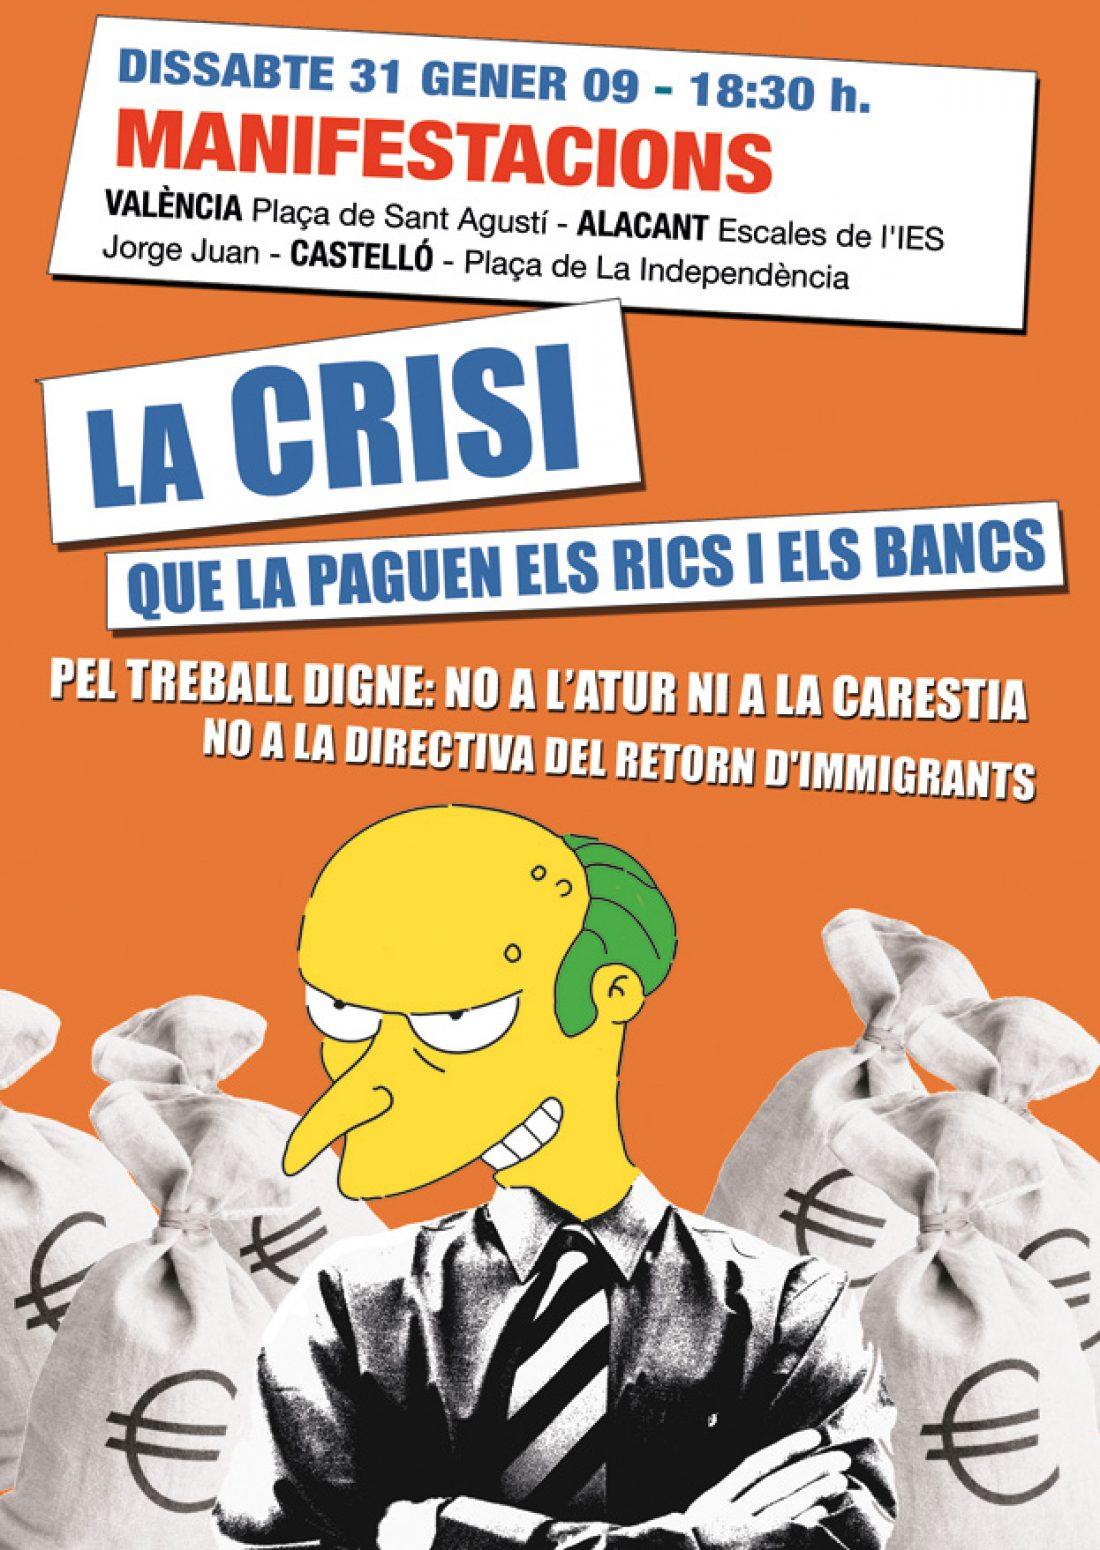 Crónica de la manifestación sobre/contra la crisis en Valencia